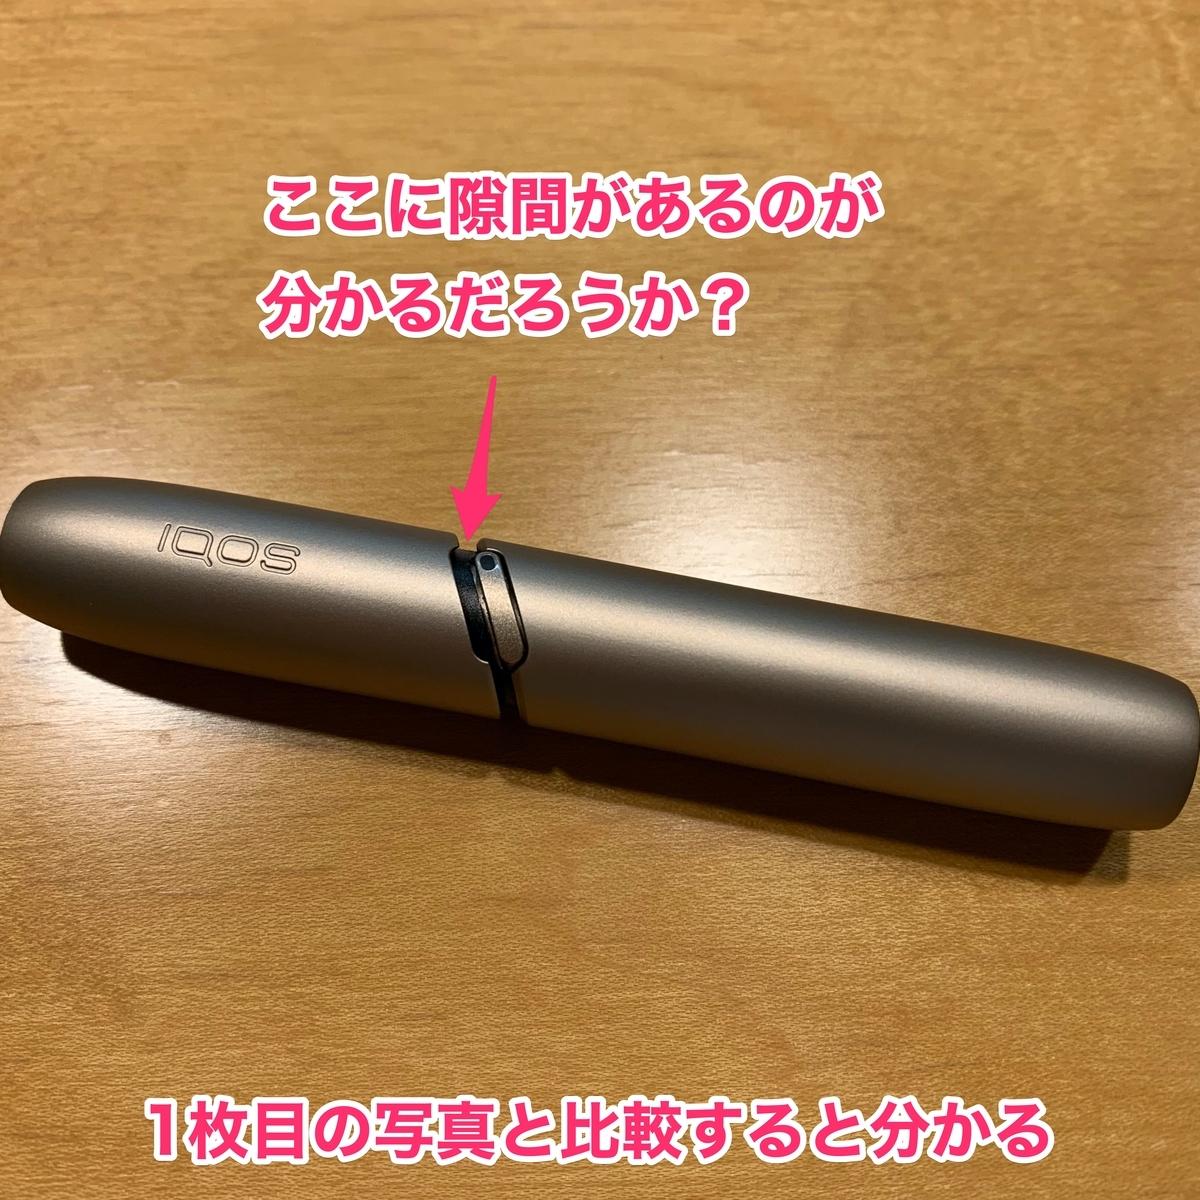 f:id:hato36:20200727205833j:plain